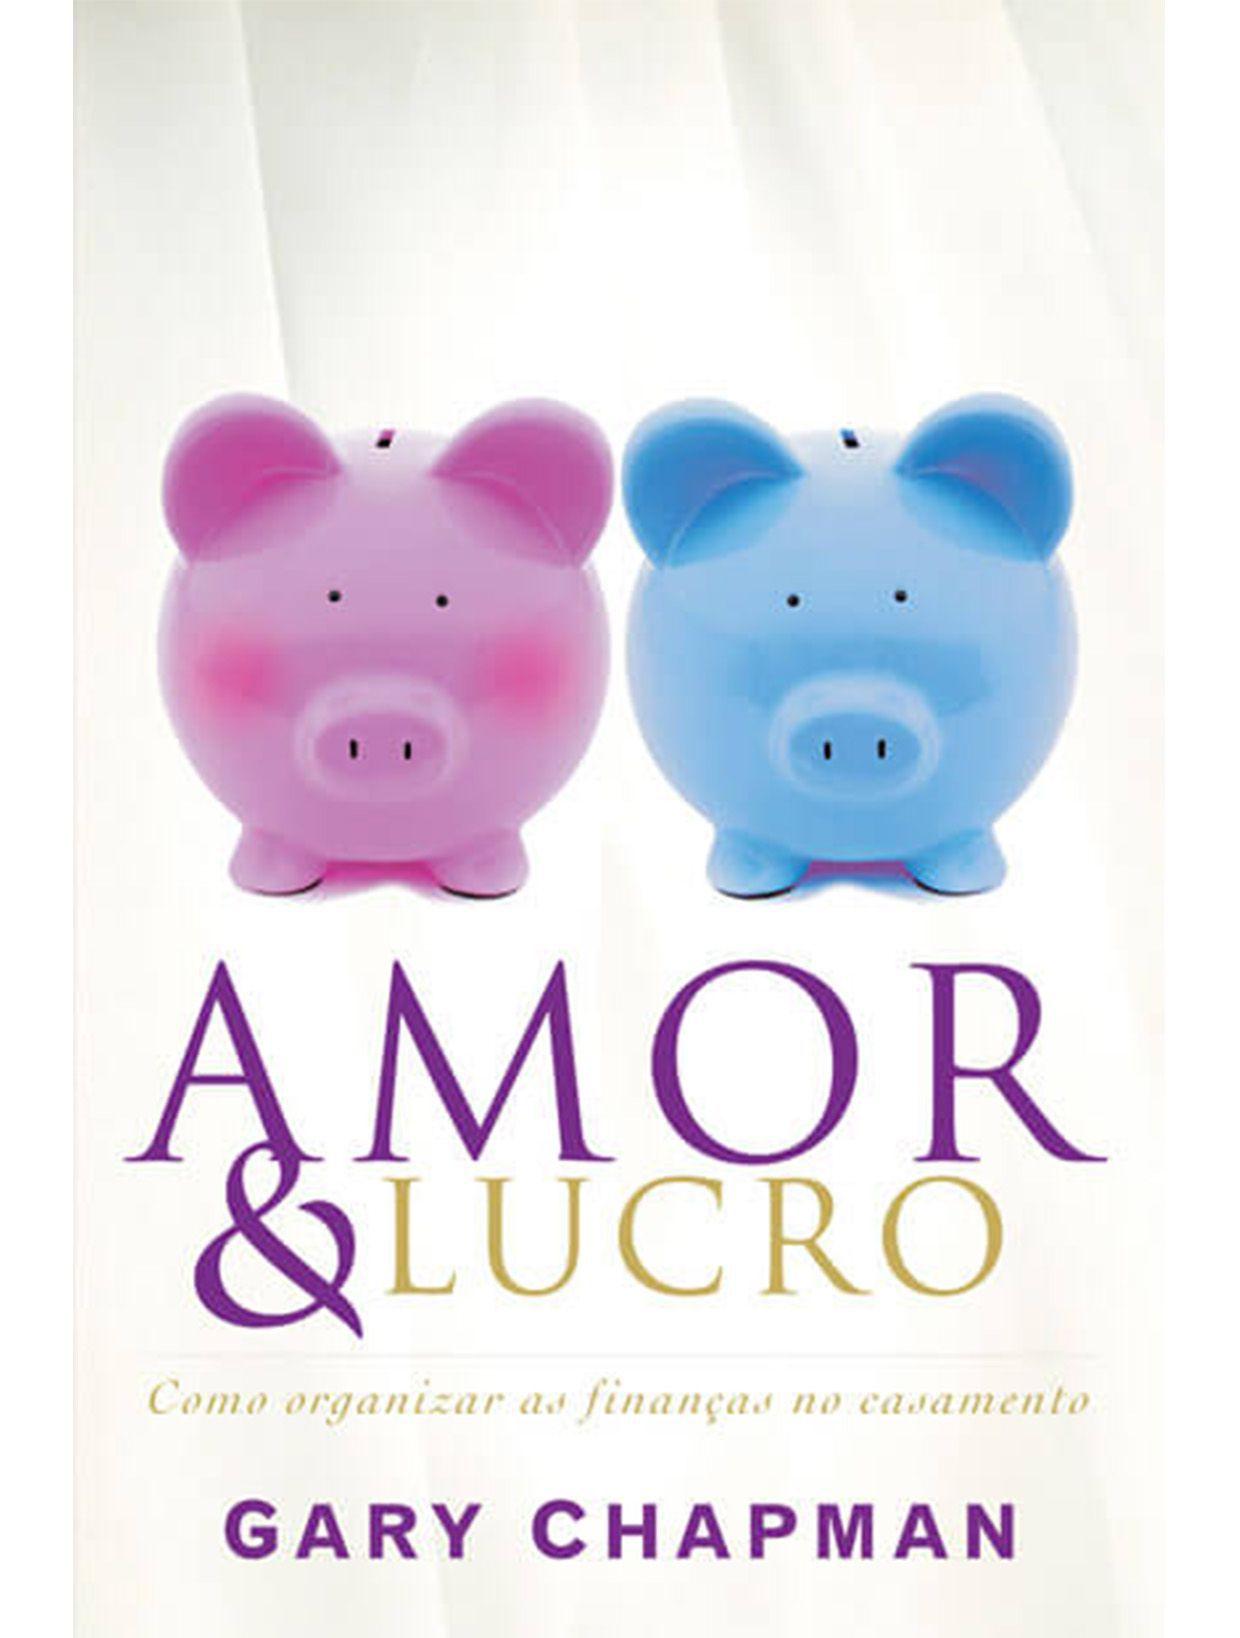 Amor e lucro – Como organizar as finanças no casamento  - PAROLE EDITORA